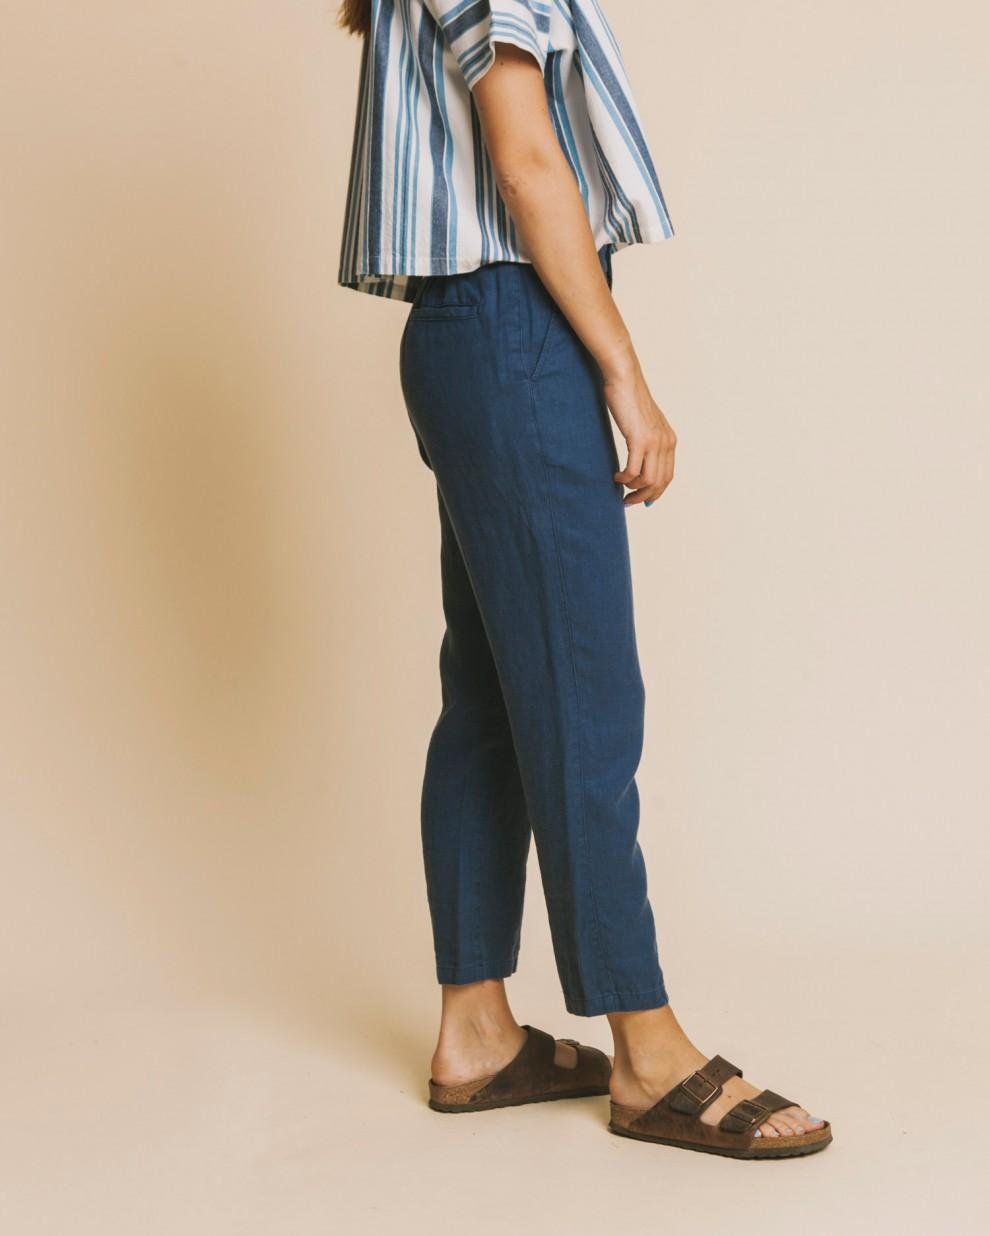 pantalon-blue-hemp-dafne (1)